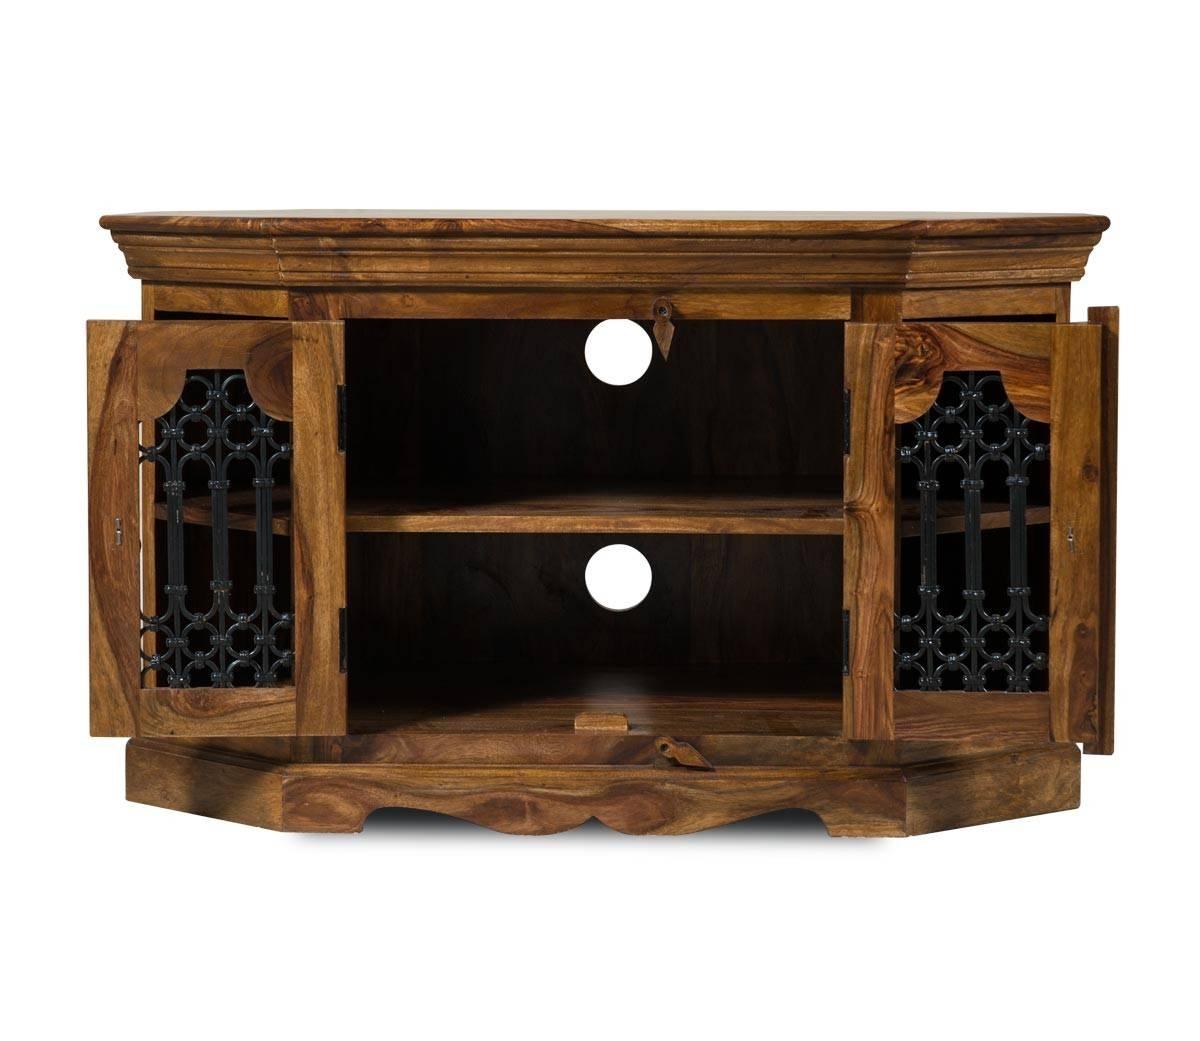 Jali Sheesham Corner Tv Unit   Casa Bella Furniture Uk in Jali Tv Cabinets (Image 12 of 15)